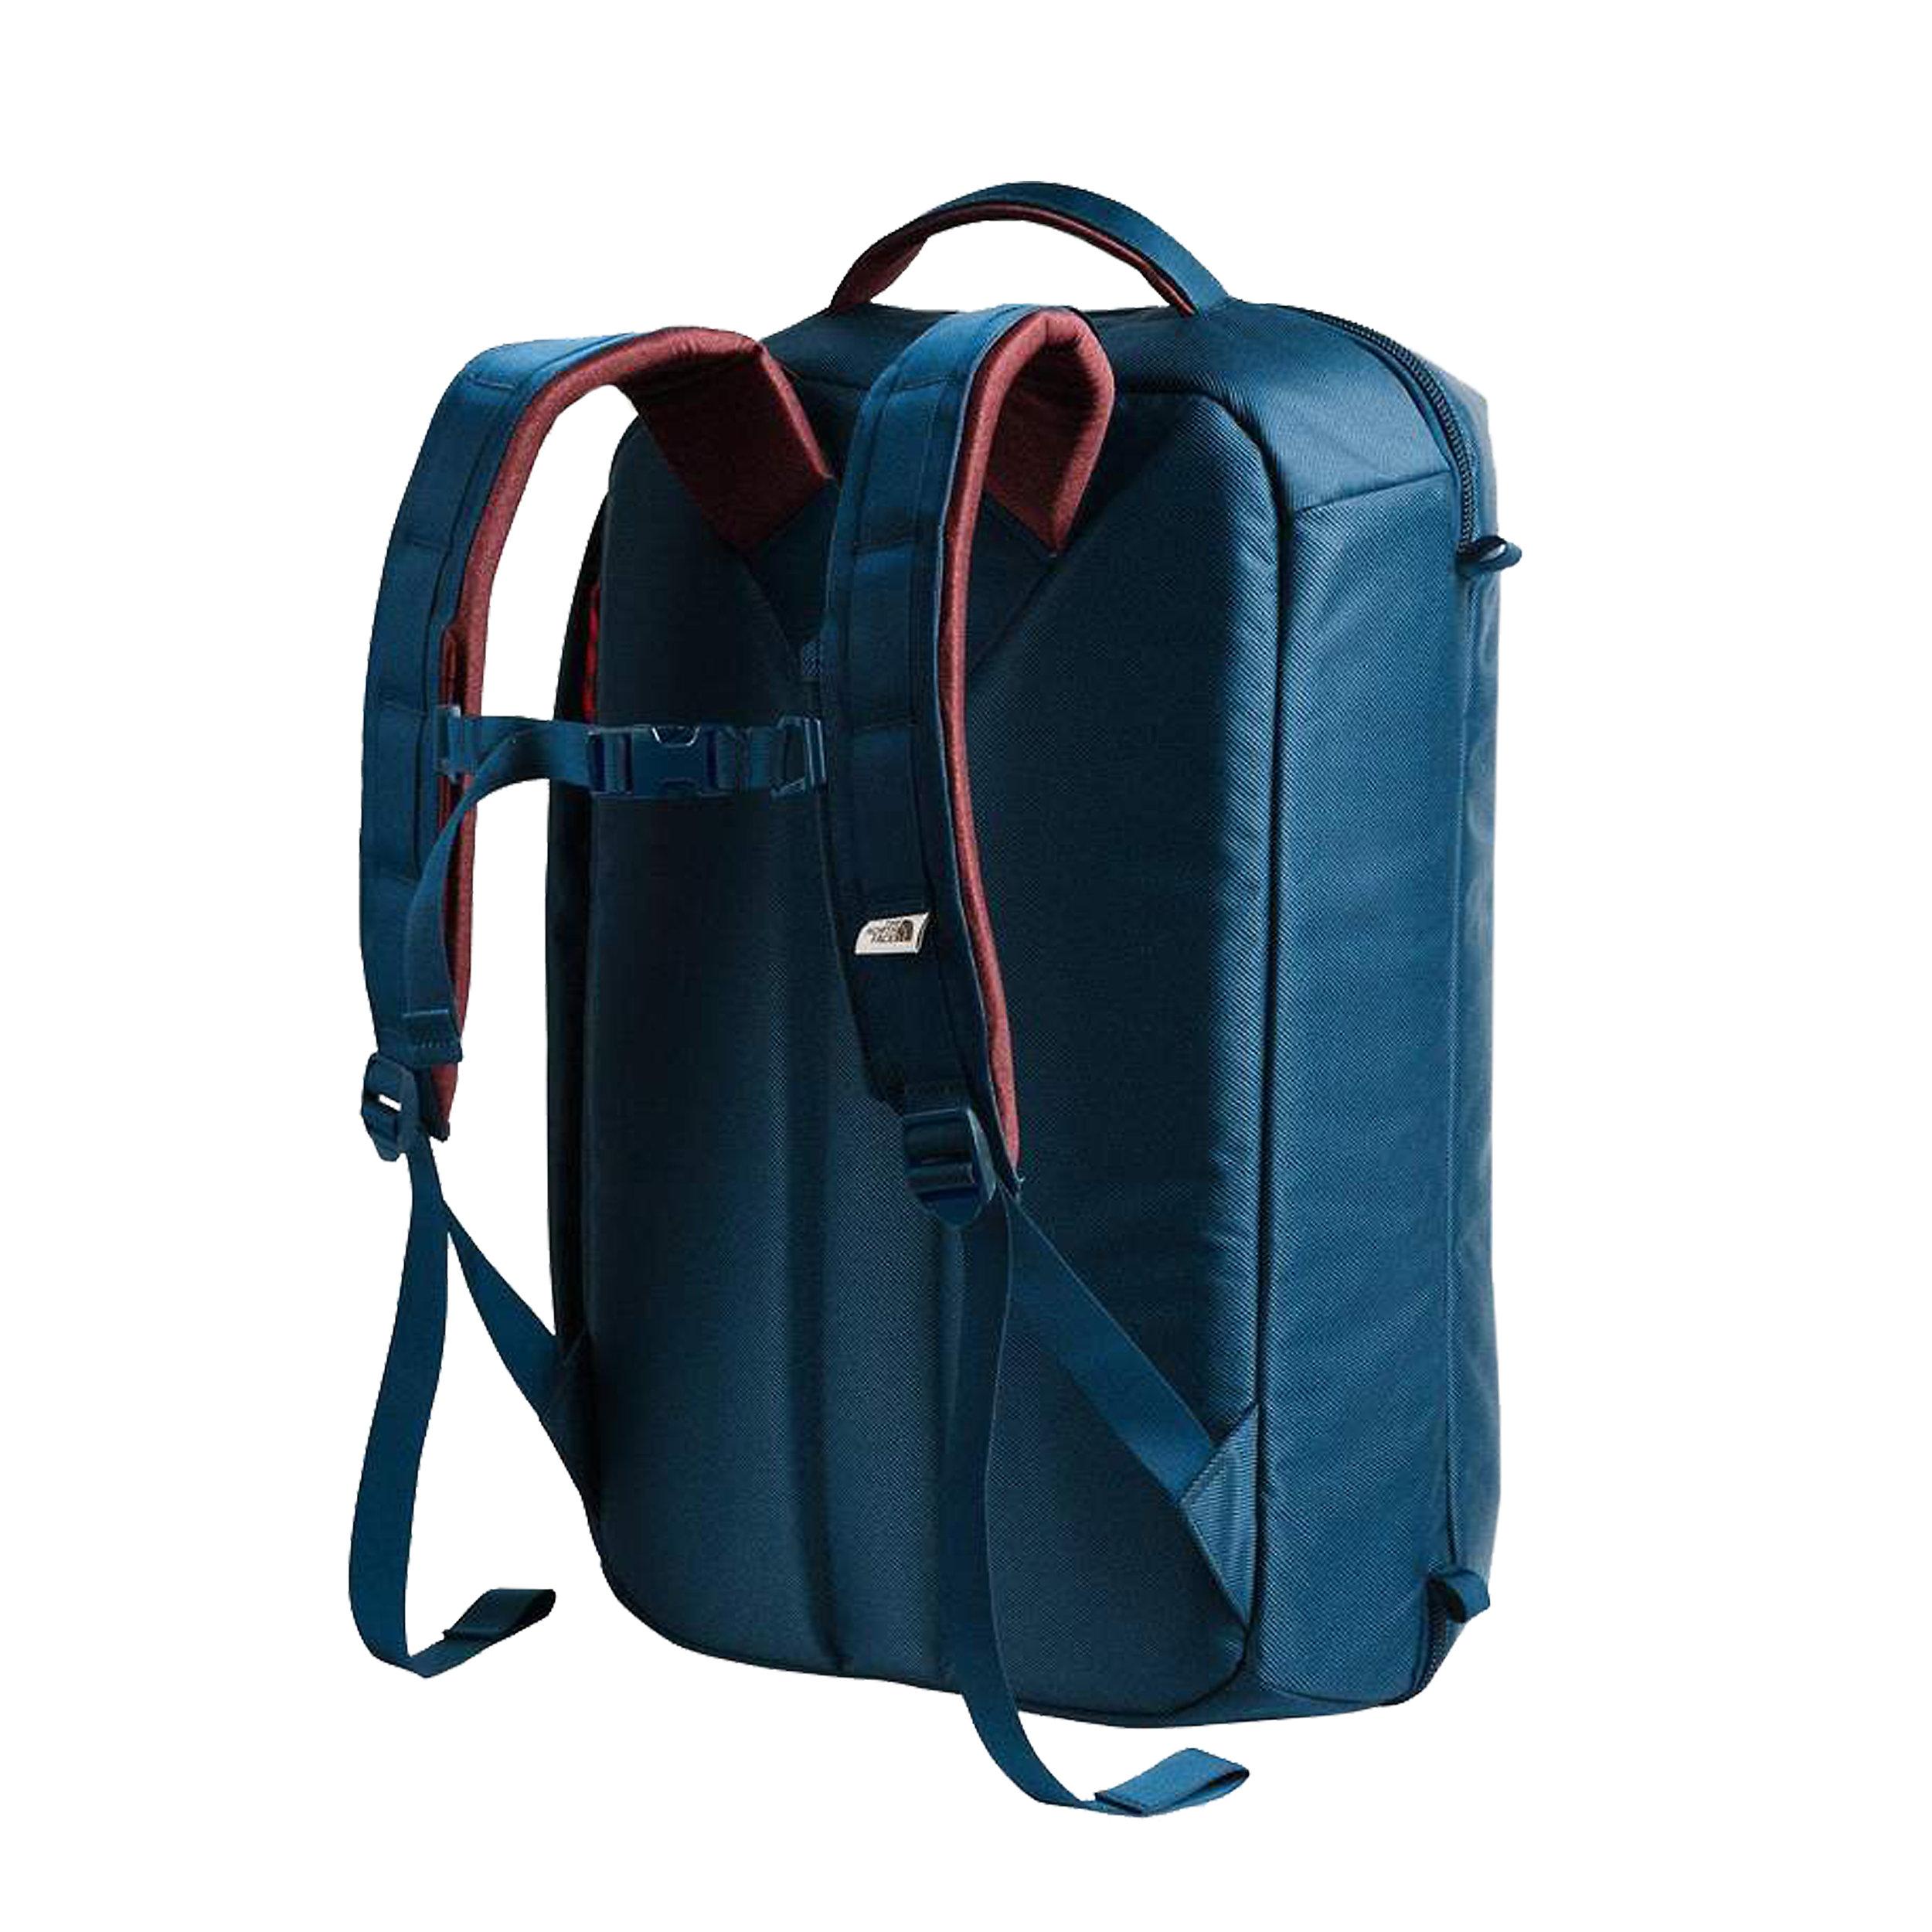 Backpack Travel 15 inch L 37 Liter